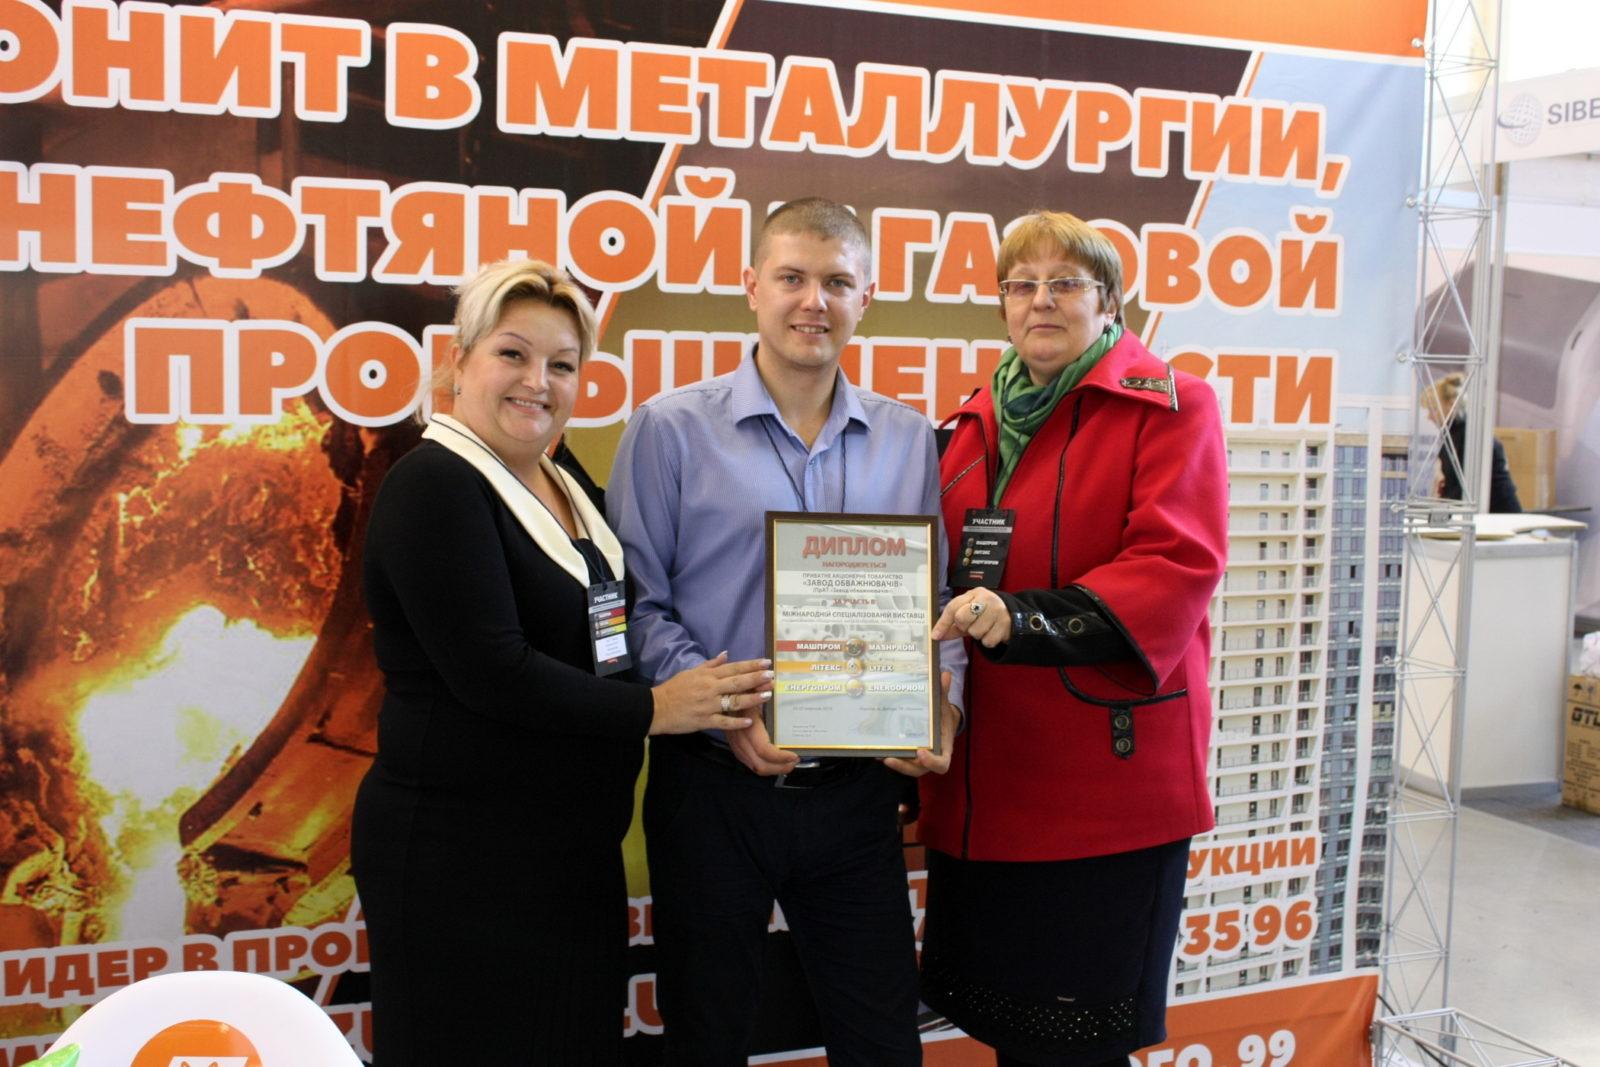 Международная выставка промышленного оборудования, металлообработки, литья и энергетики.